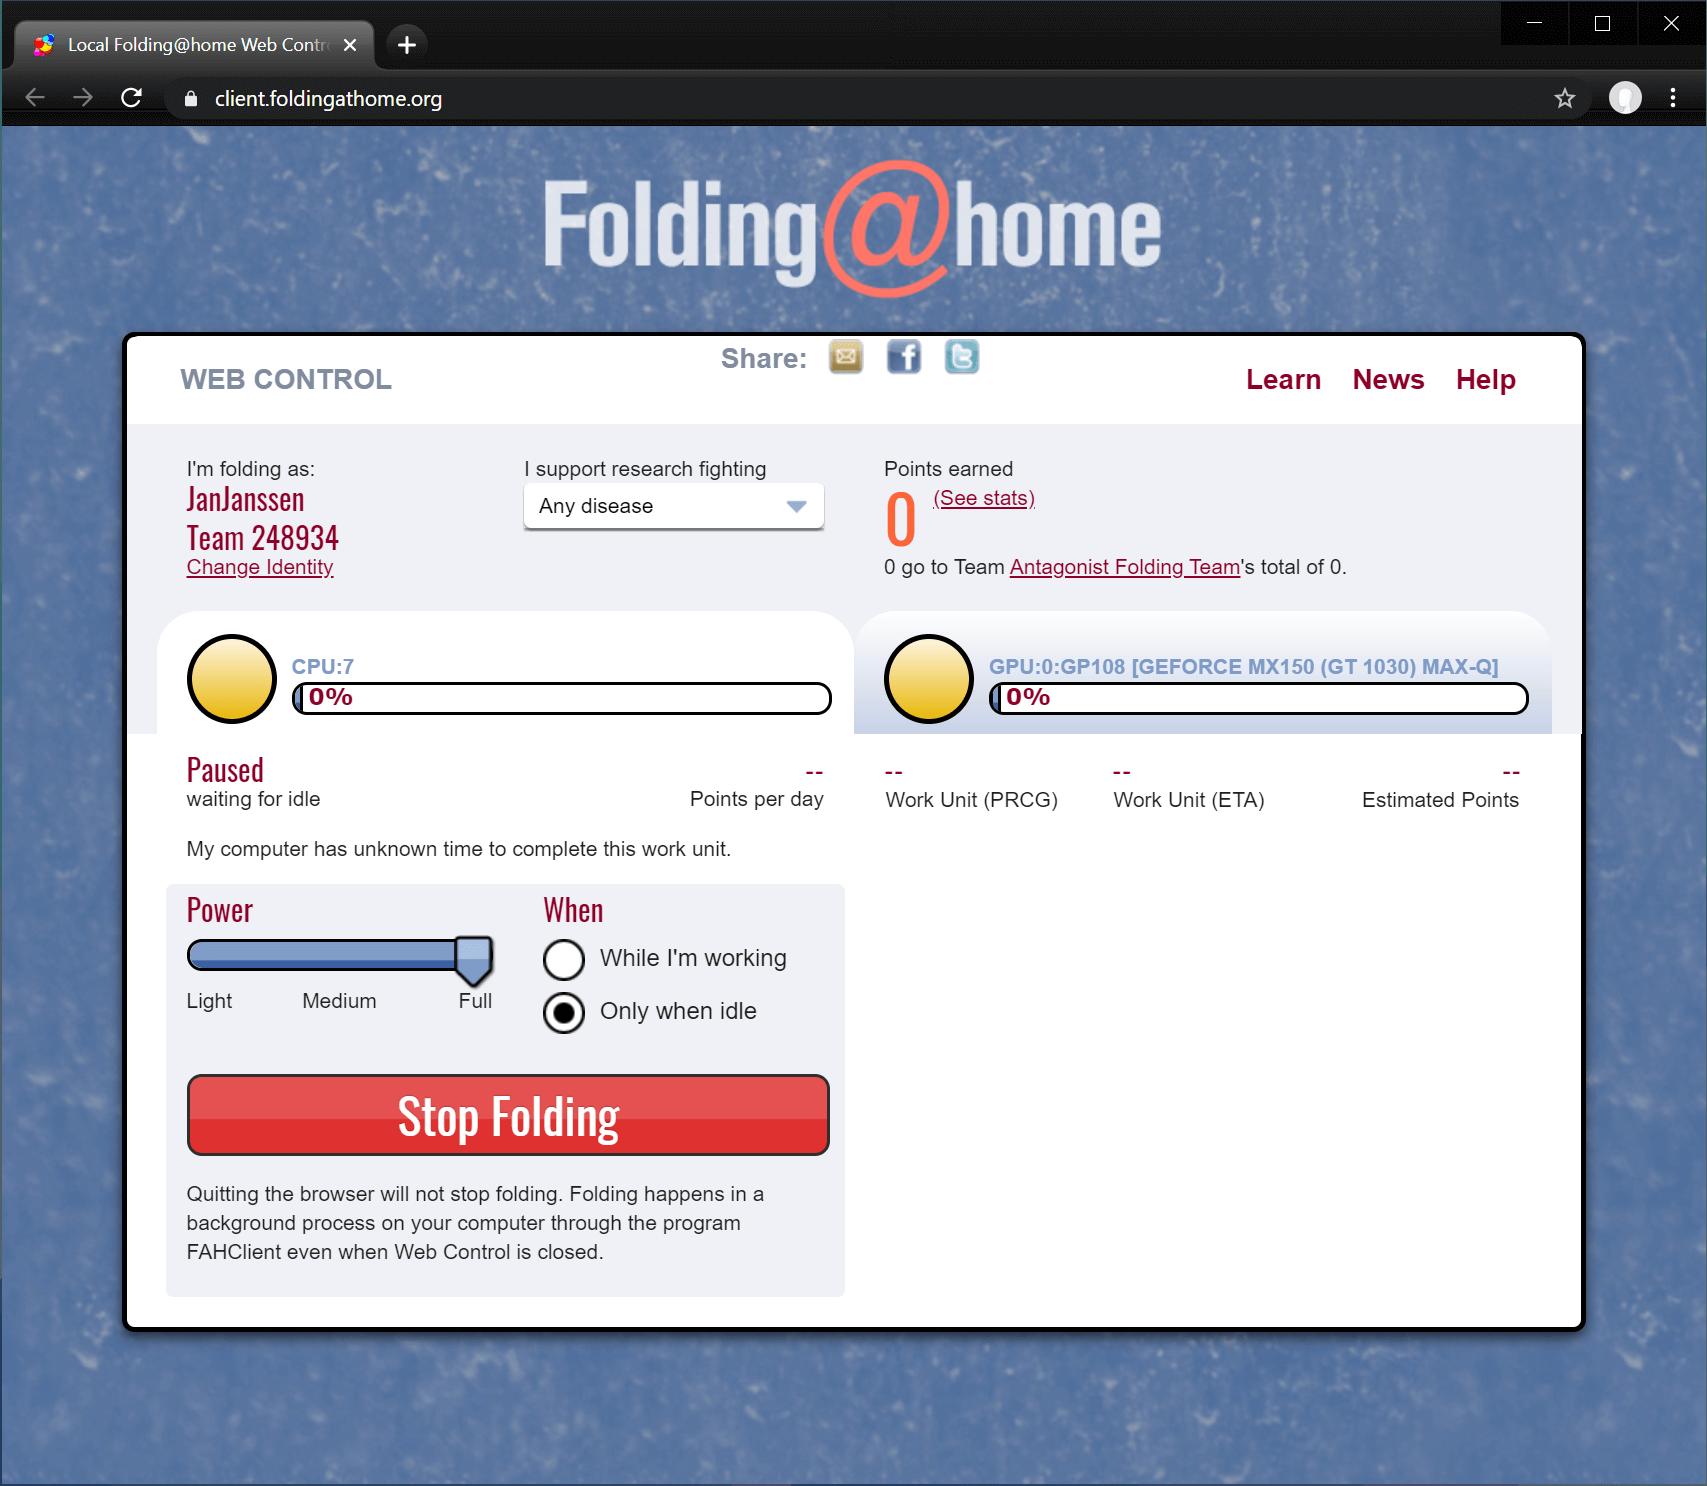 Bepaal de instellingen die jij voor Folding@home wilt gebruiken.